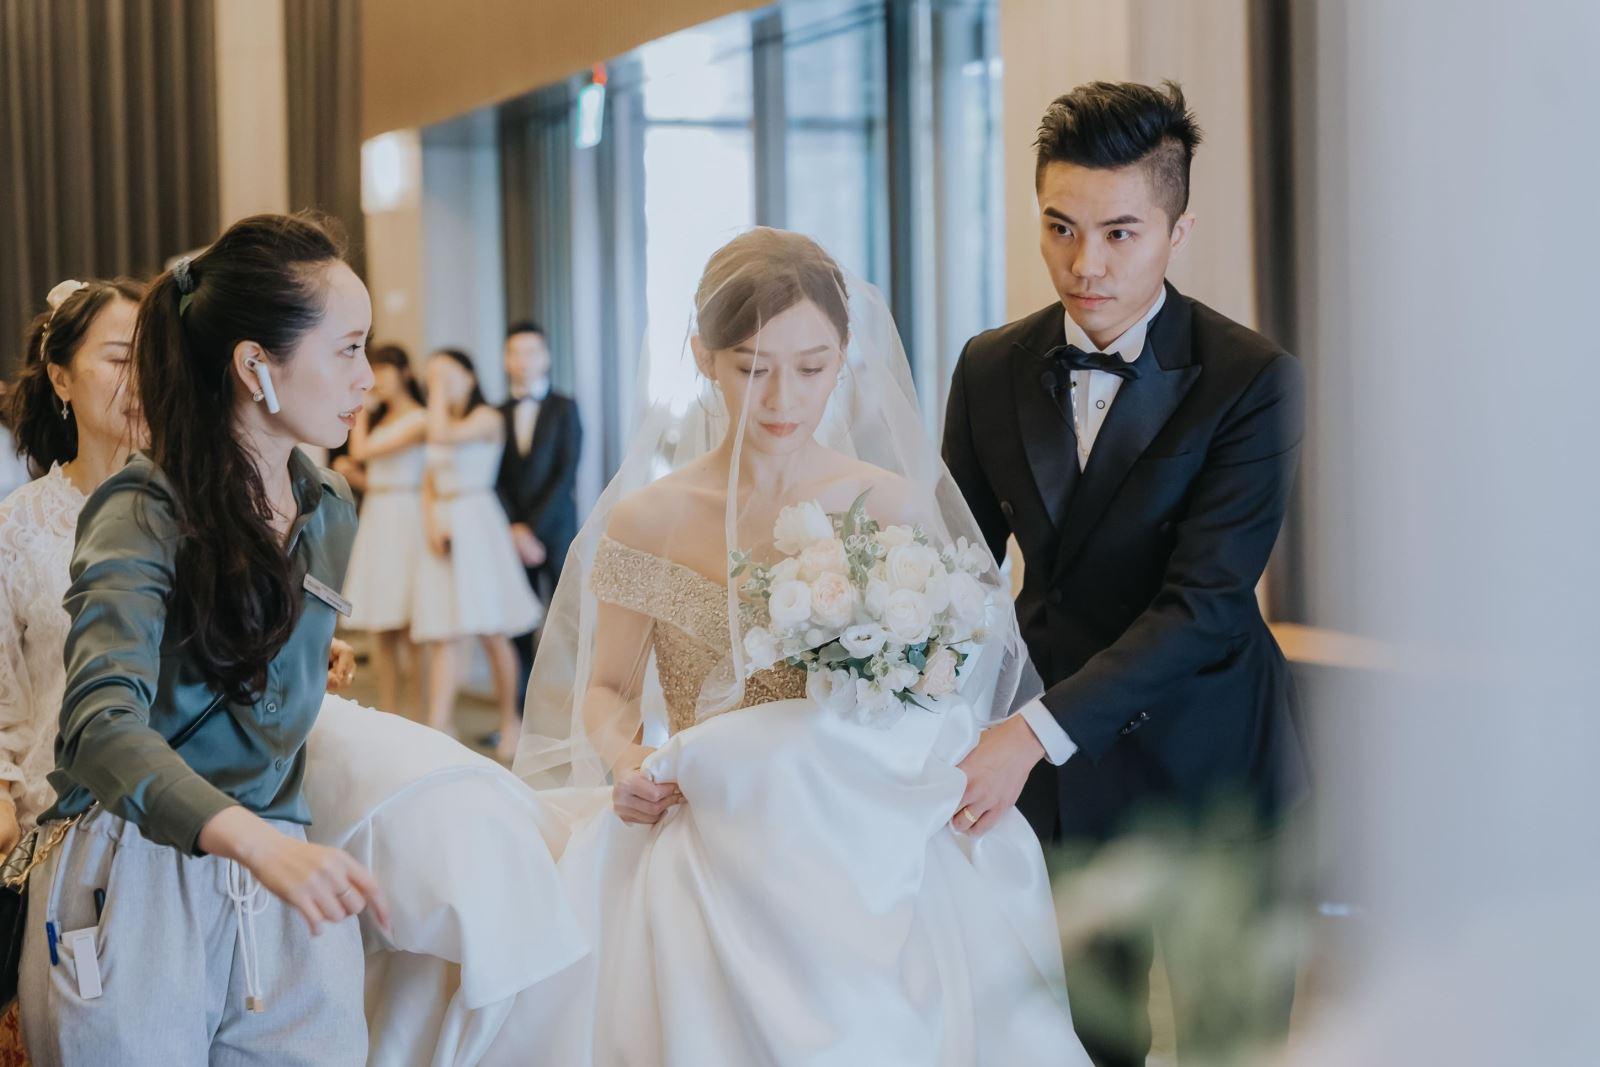 婚禮顧問新娘管家服務